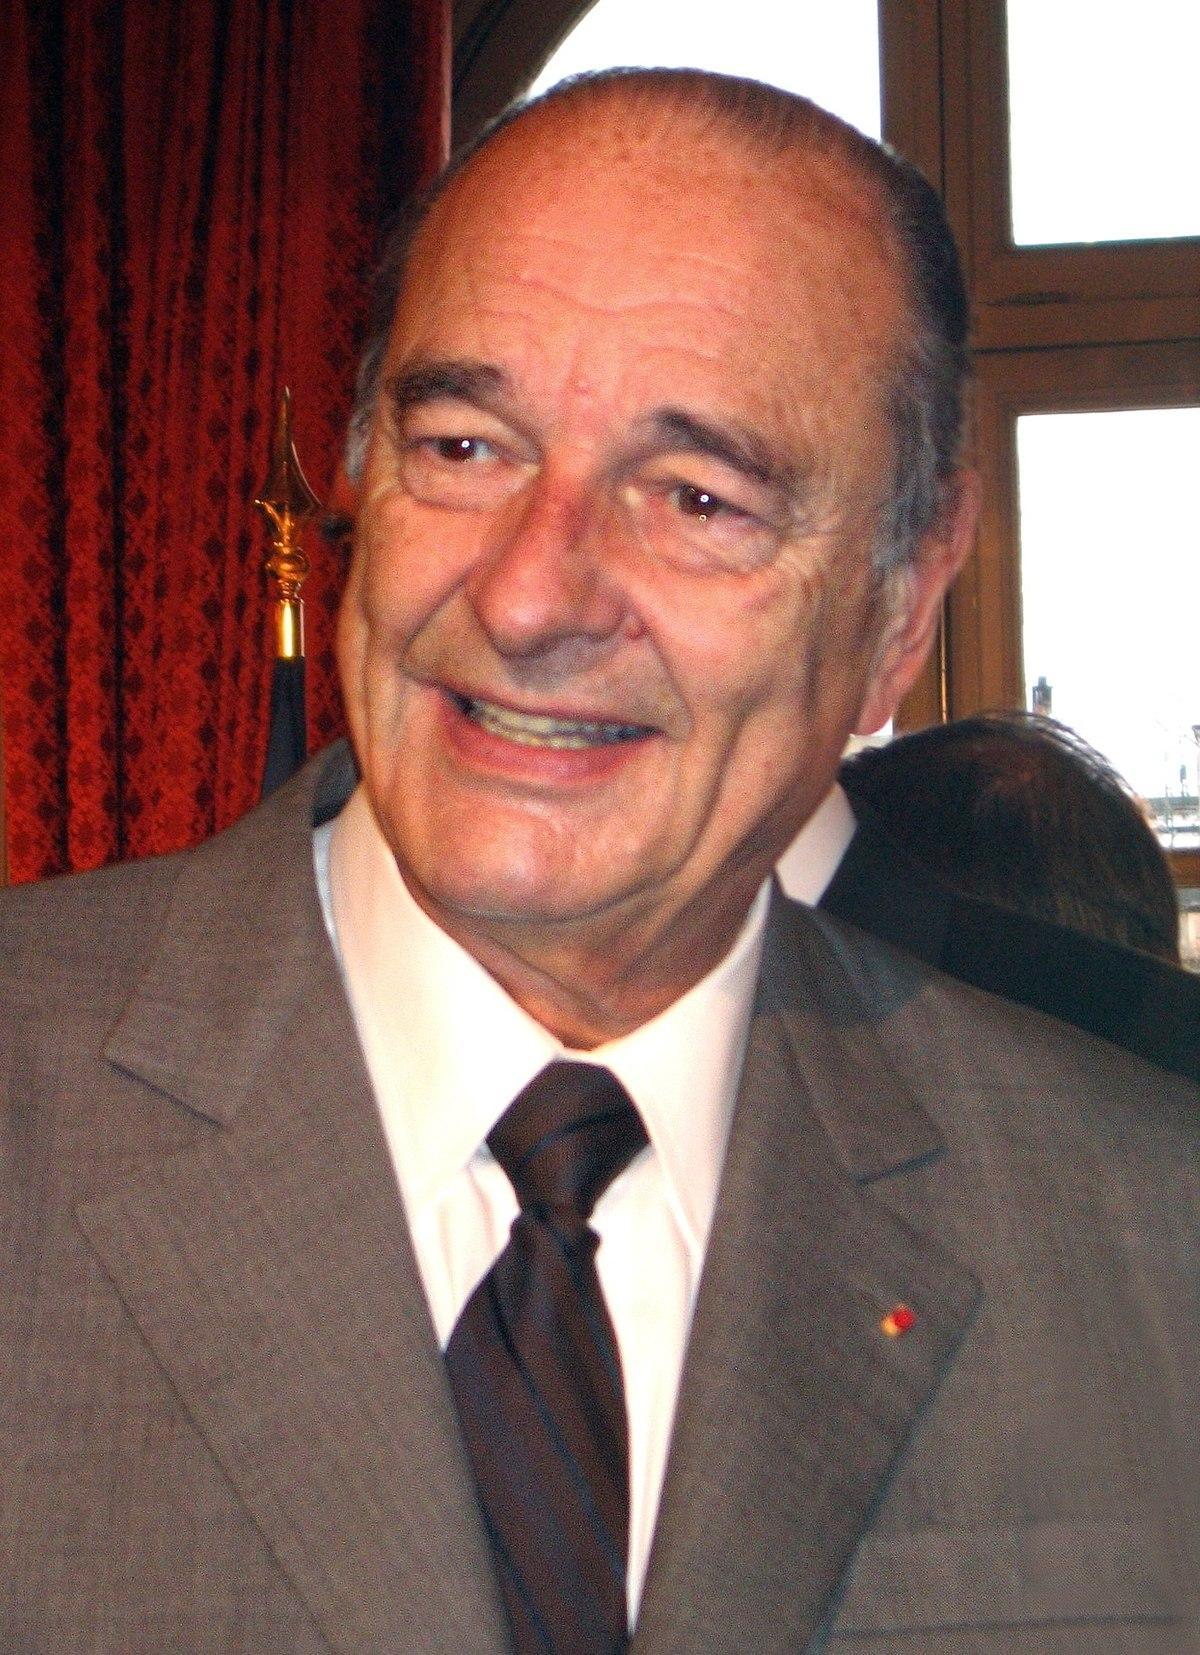 Quel Est L âge De Line Renaud : renaud, Obsèques, Jacques, Chirac, Wikipédia